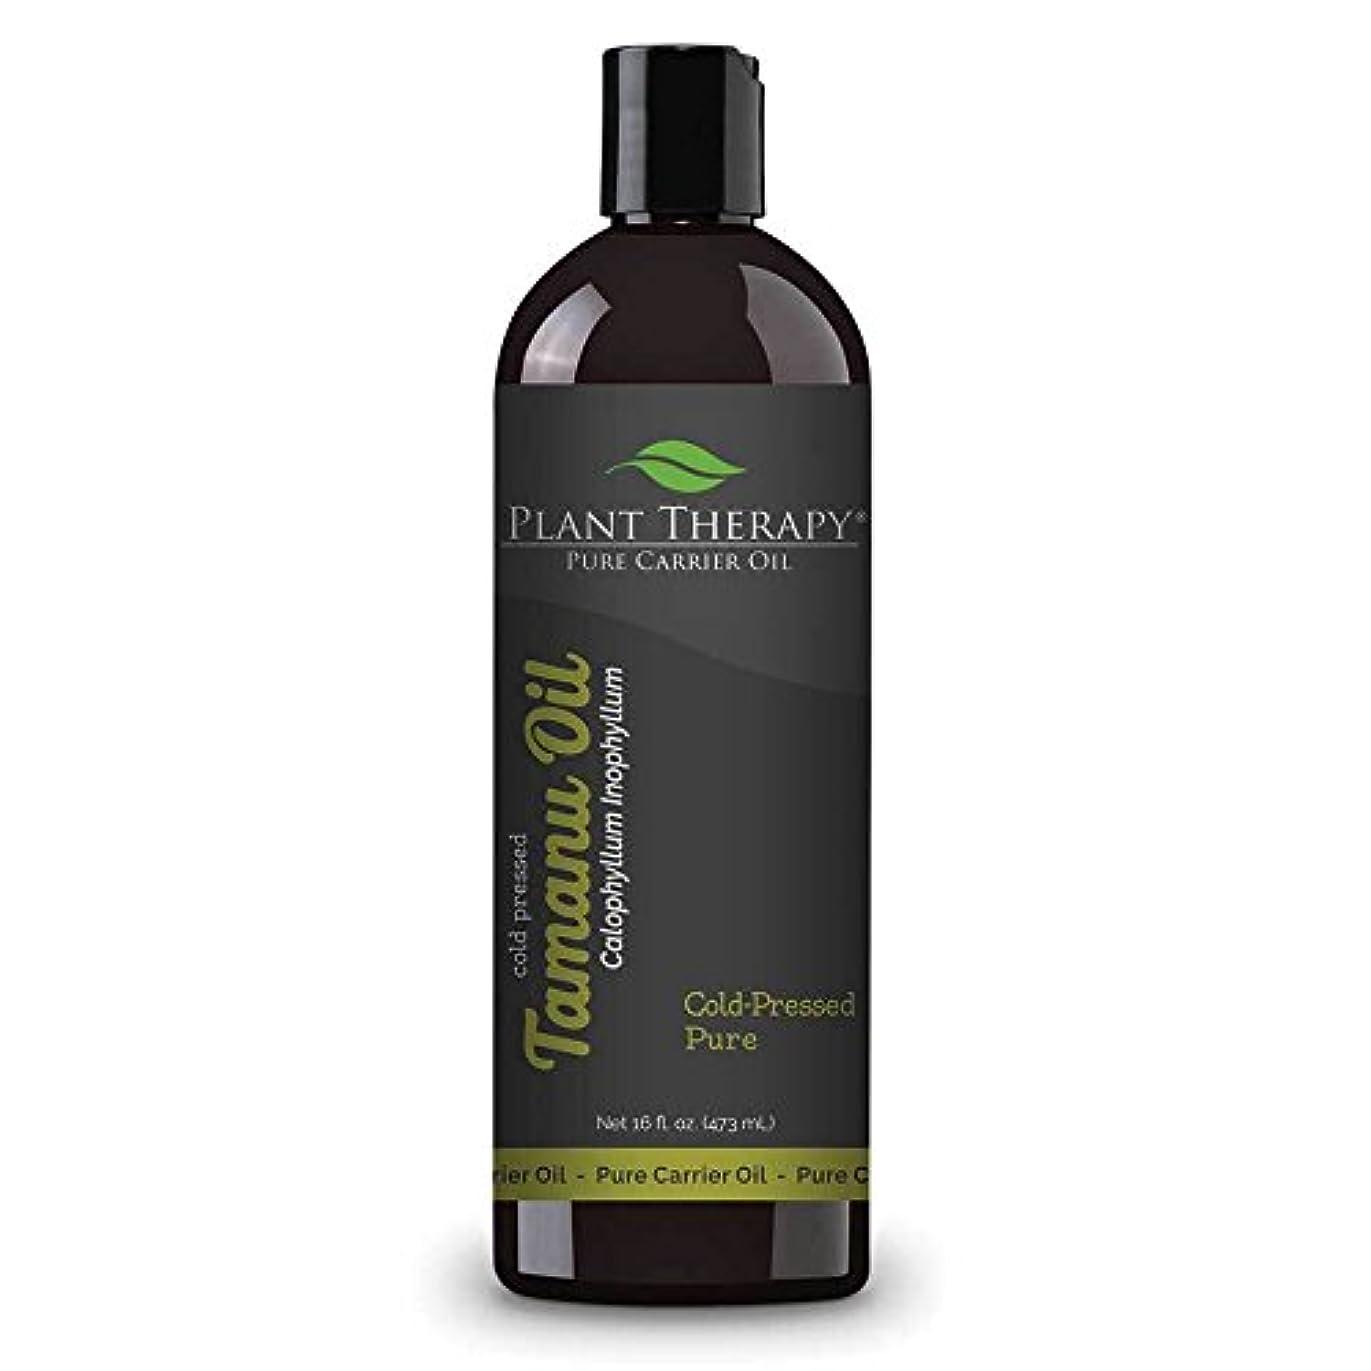 破滅的な呪い勤勉なPlant Therapy Tamanu Carrier Oil. 16 oz For Aromatherapy, Massage, Essential Oils, Skin Care.